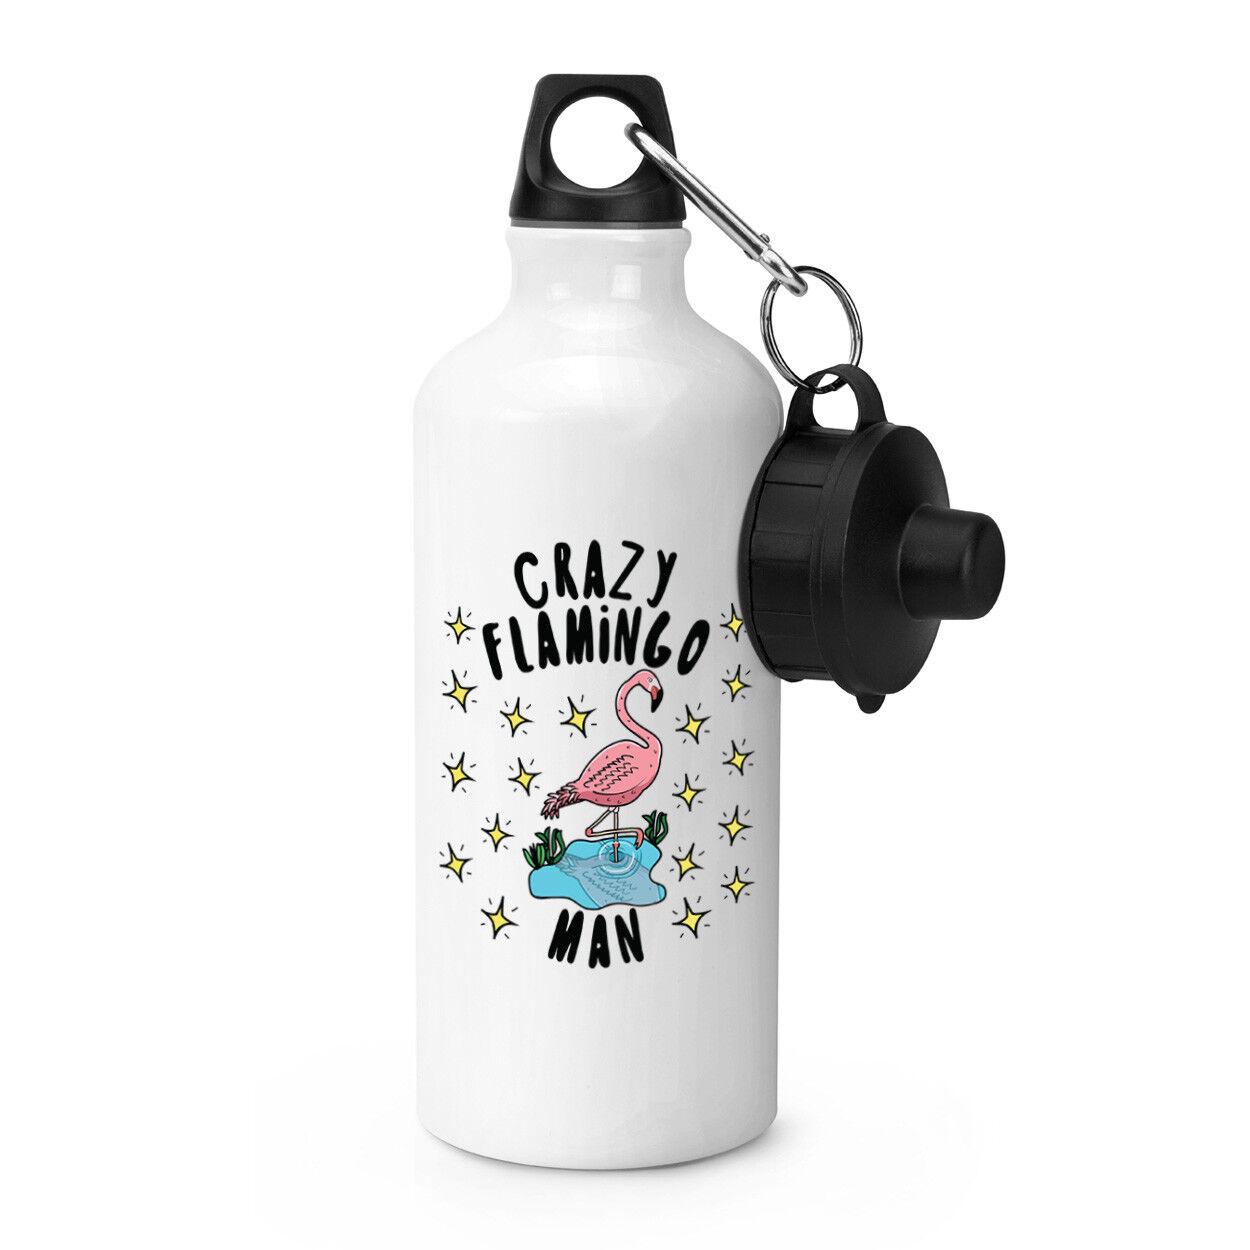 Crazy Flasque Flamingo homme étoiles Sports Bouteille Boisson Camping Flasque Crazy - DRÔLE c0c799